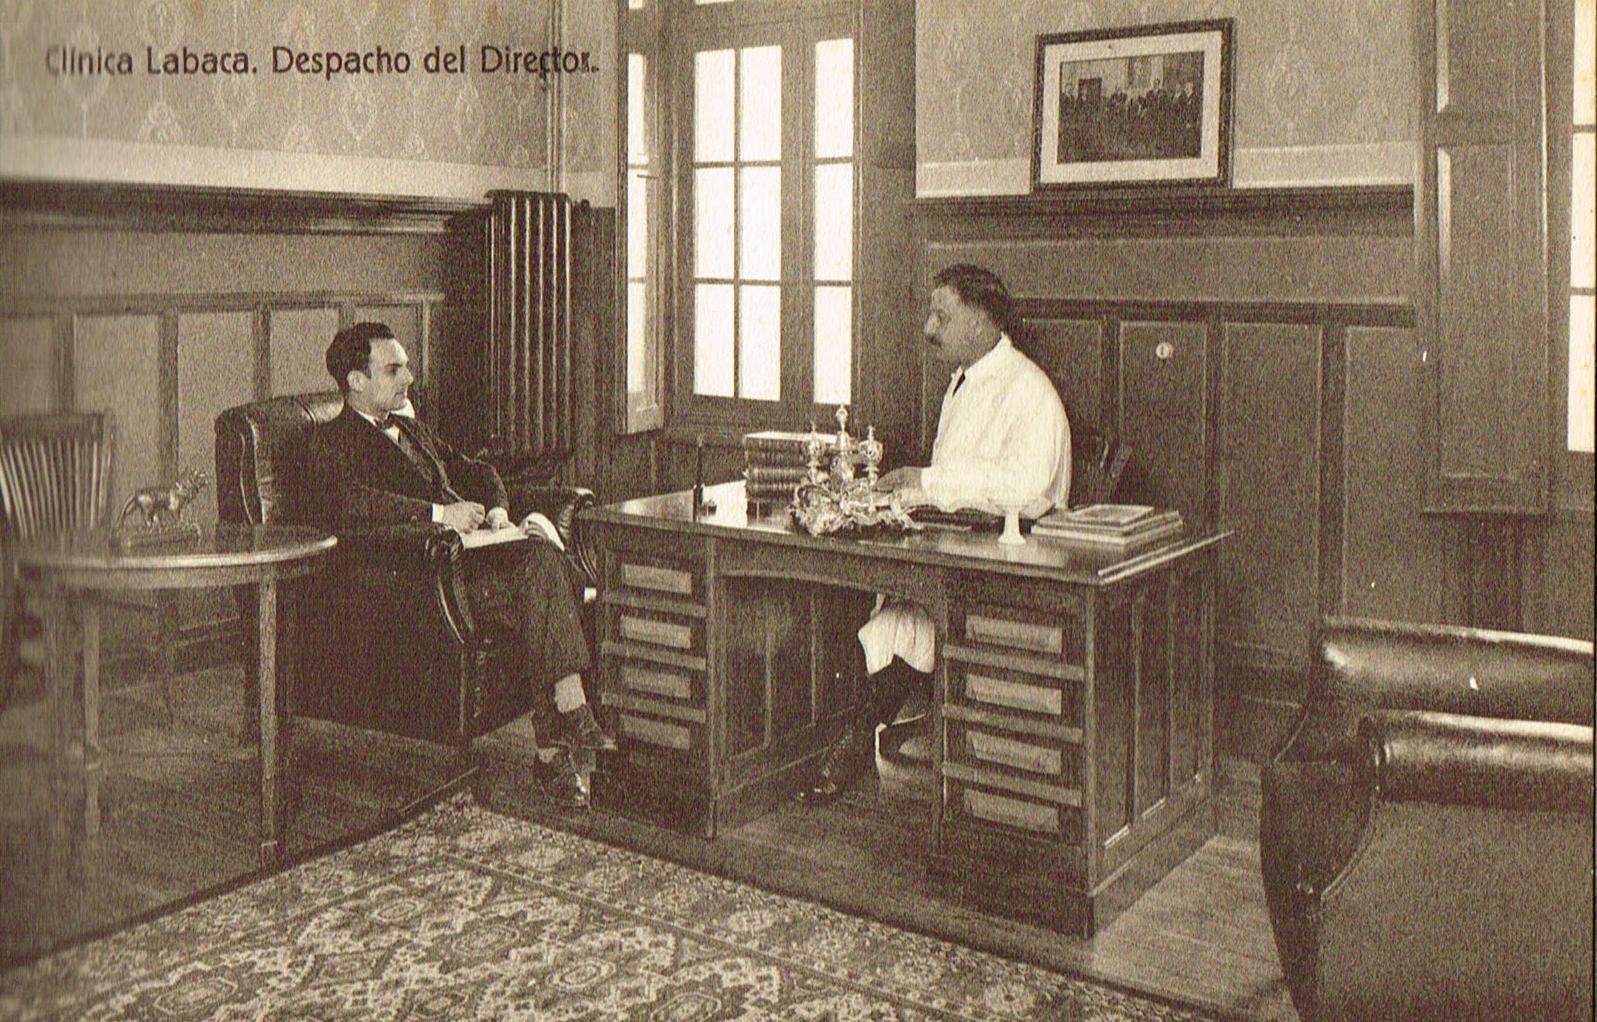 Clínica Labaca, despacho del director